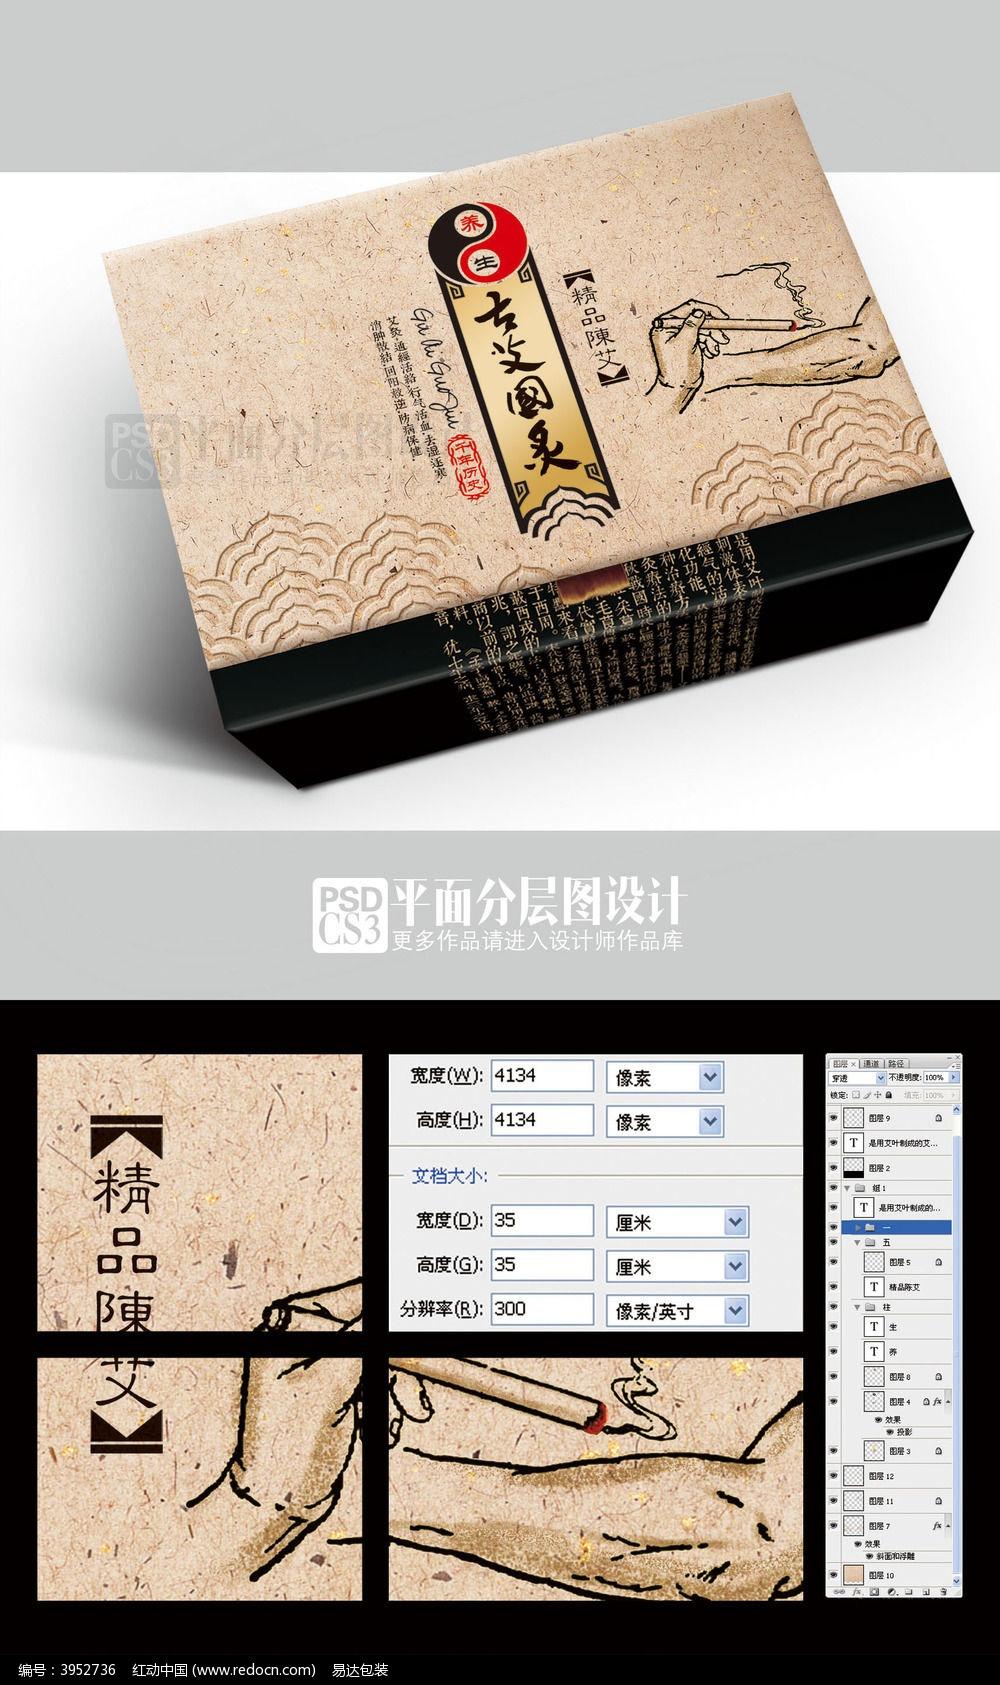 古艾国灸条包装盒(平面分层图设计)图片